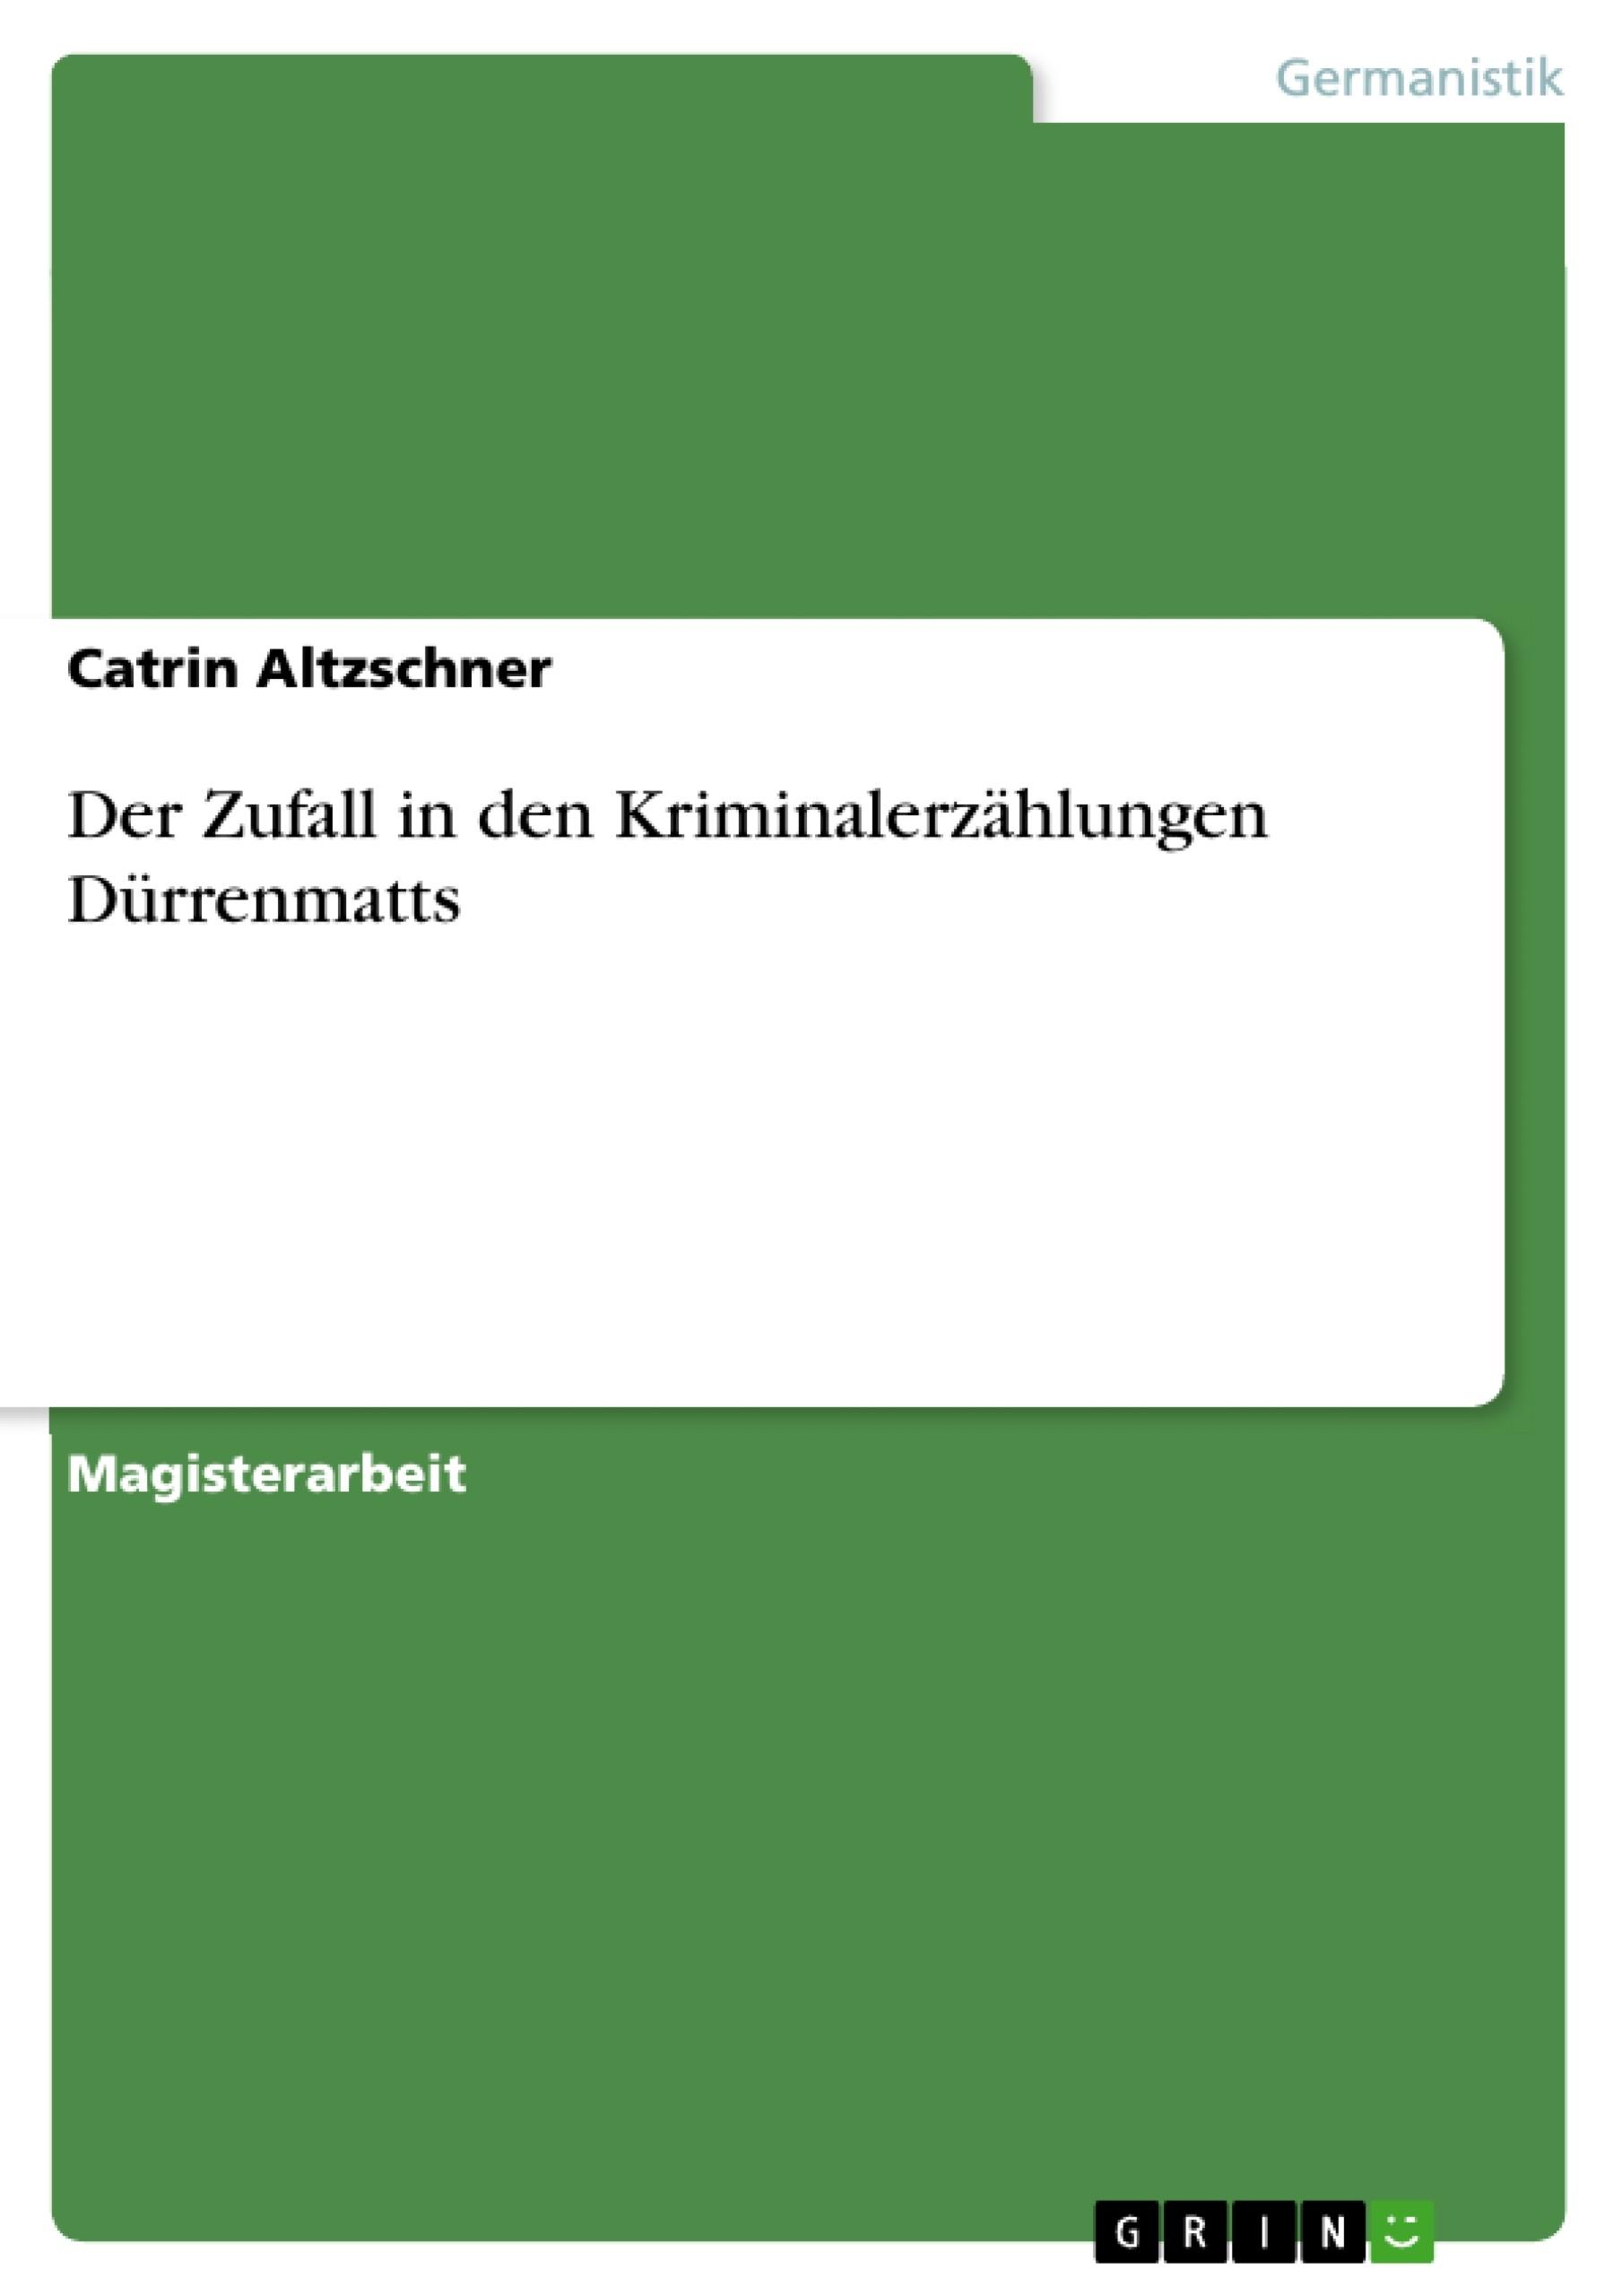 Titel: Der Zufall in den Kriminalerzählungen Dürrenmatts